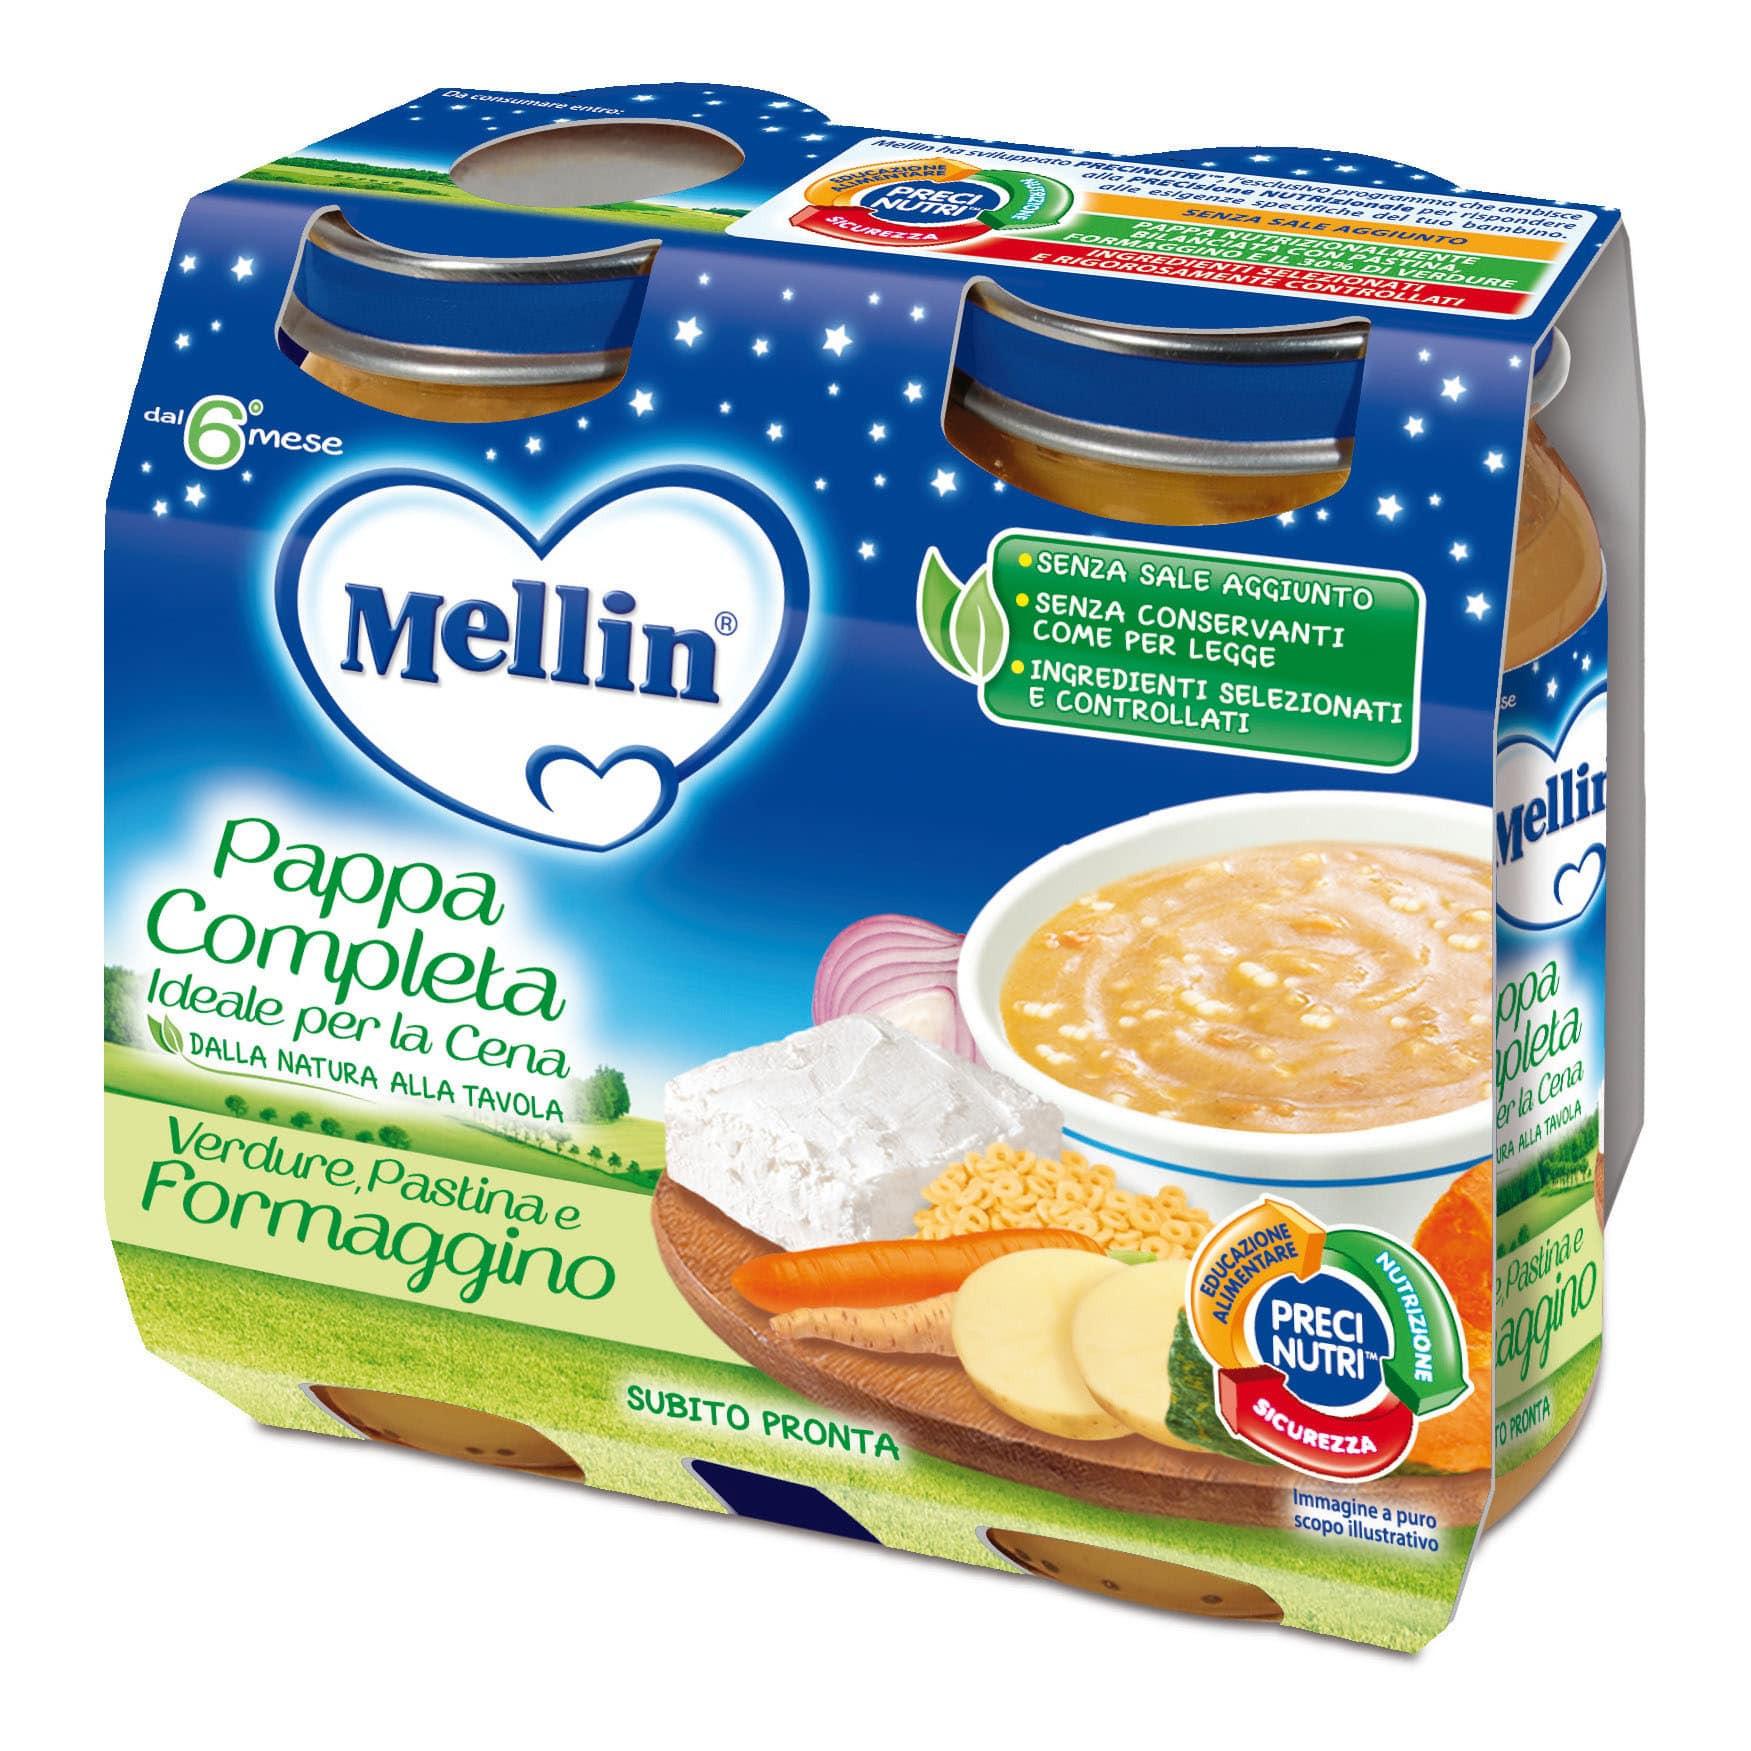 Pappa Completa Mellin - Pastina, Verdure e Formaggino